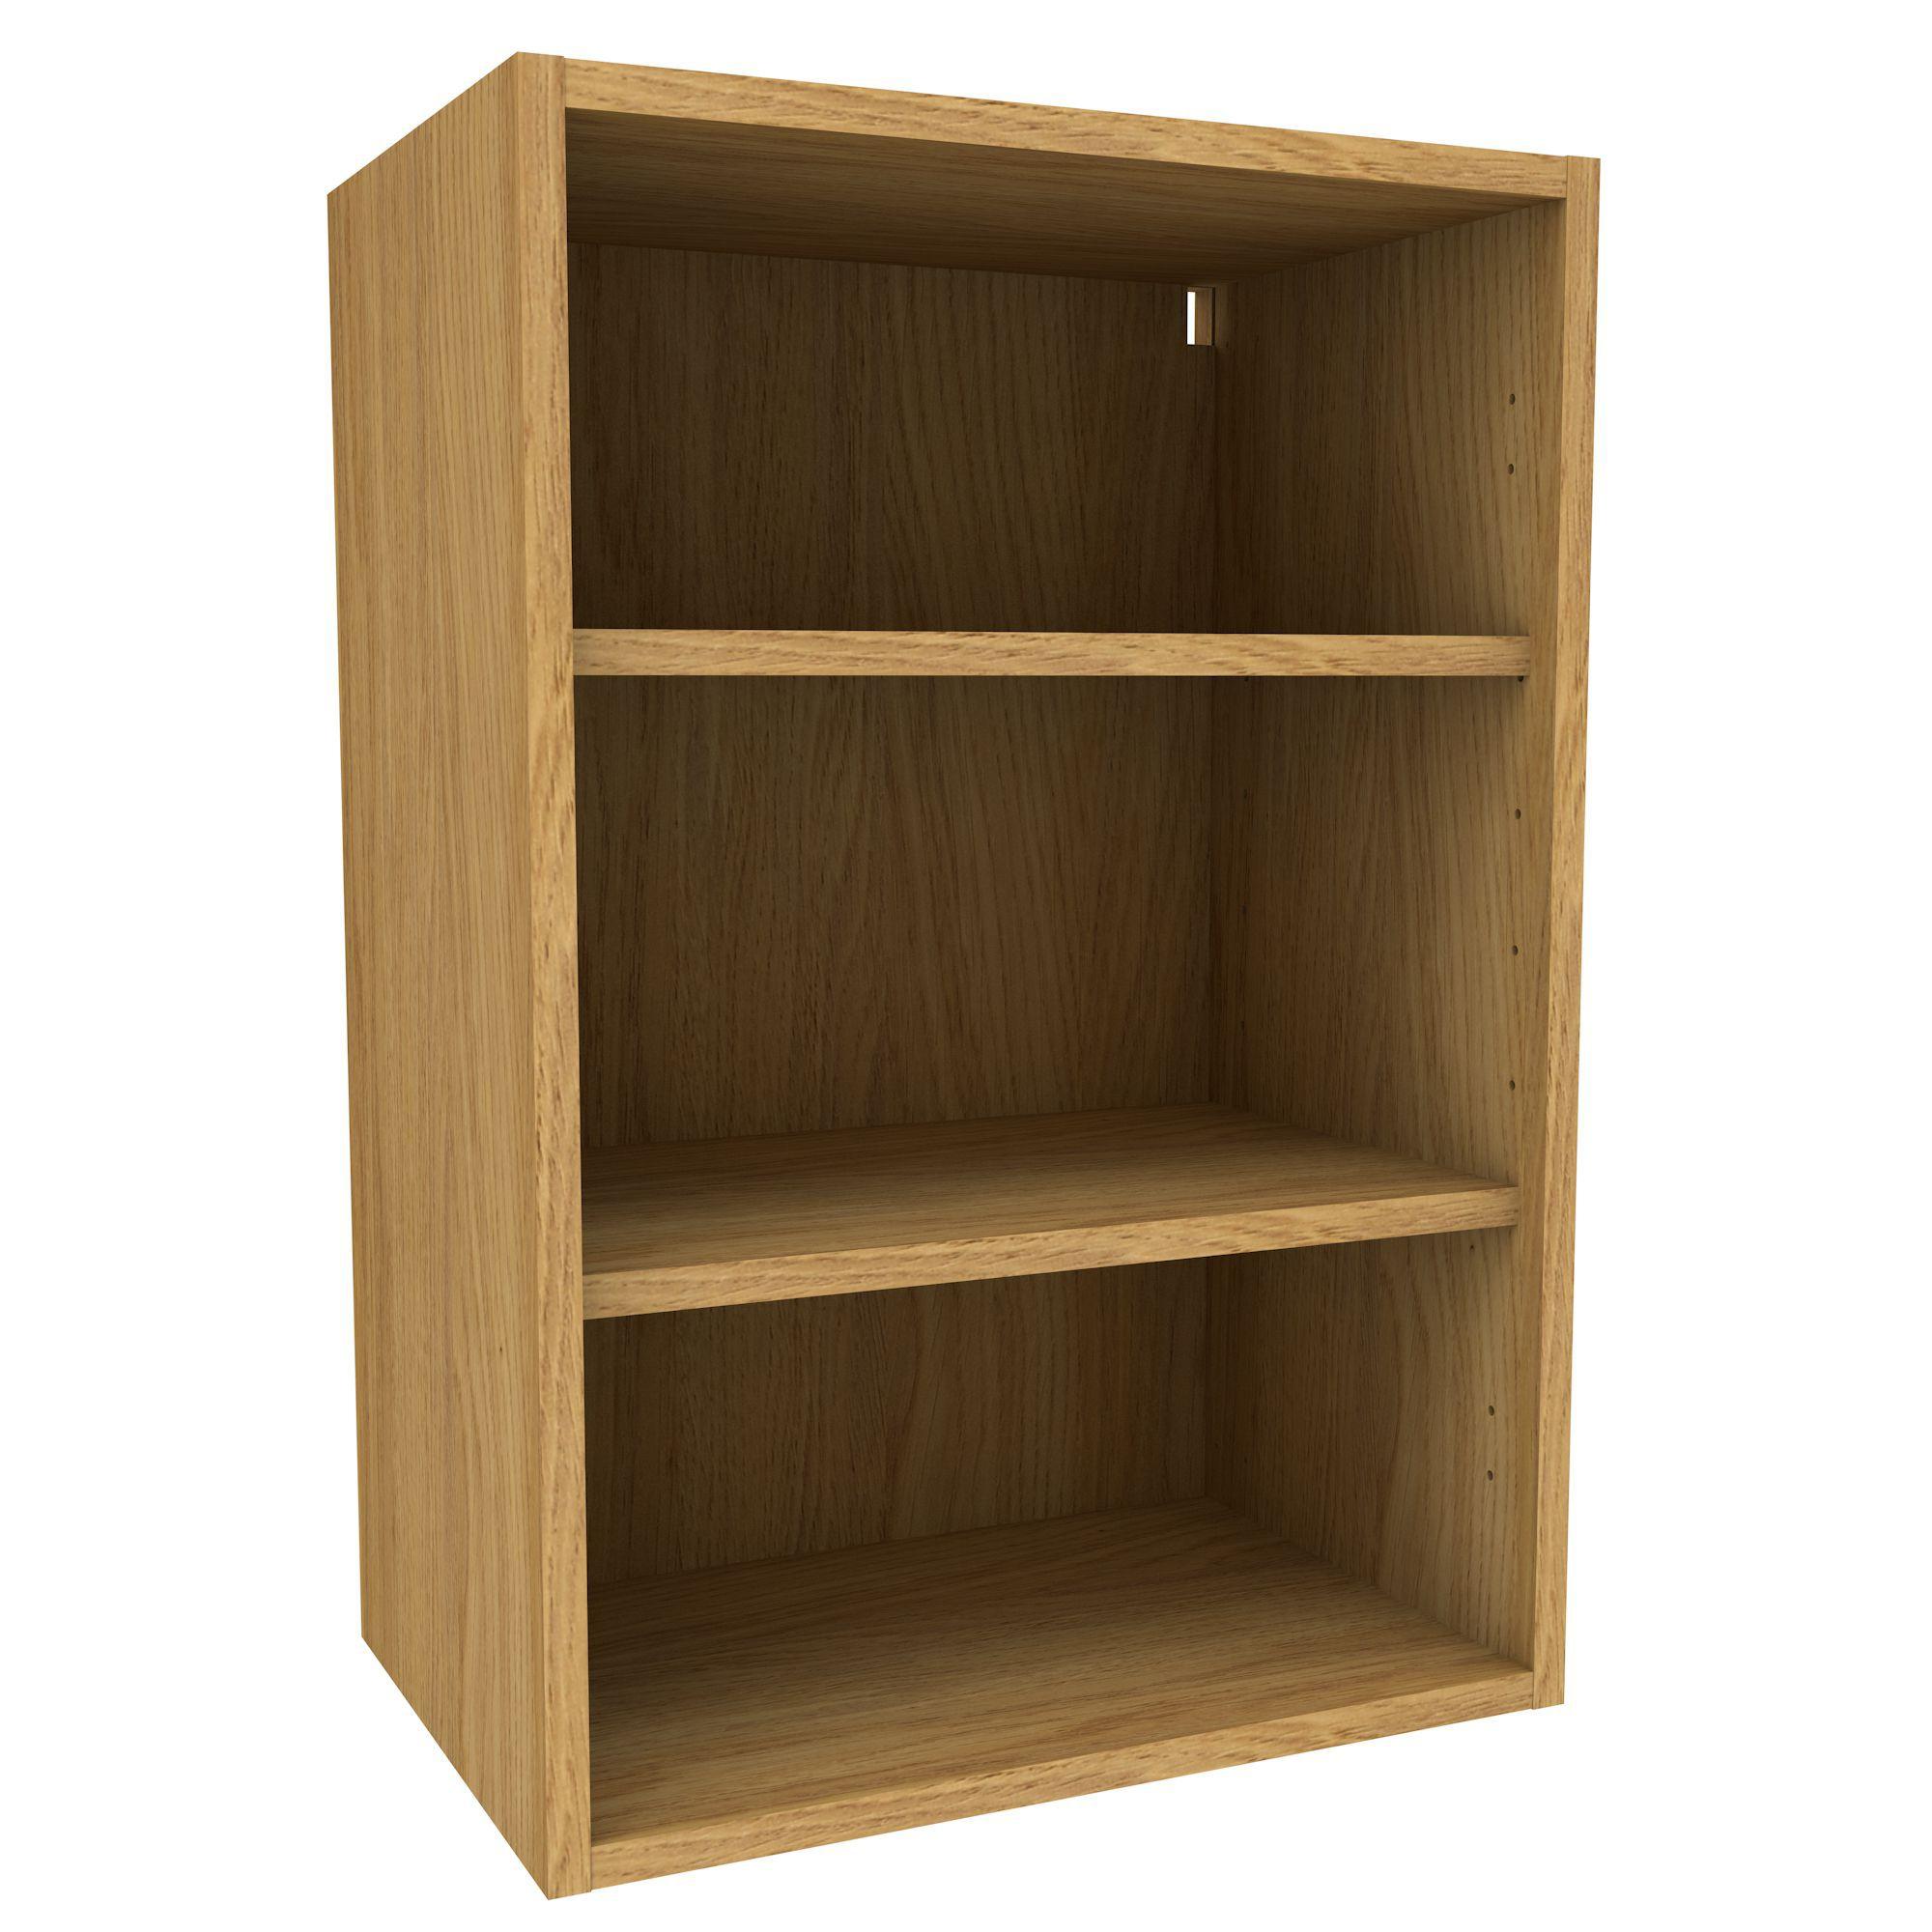 Cooke lewis oak effect deep wall cabinet w 500mm for Beech kitchen wall cupboards